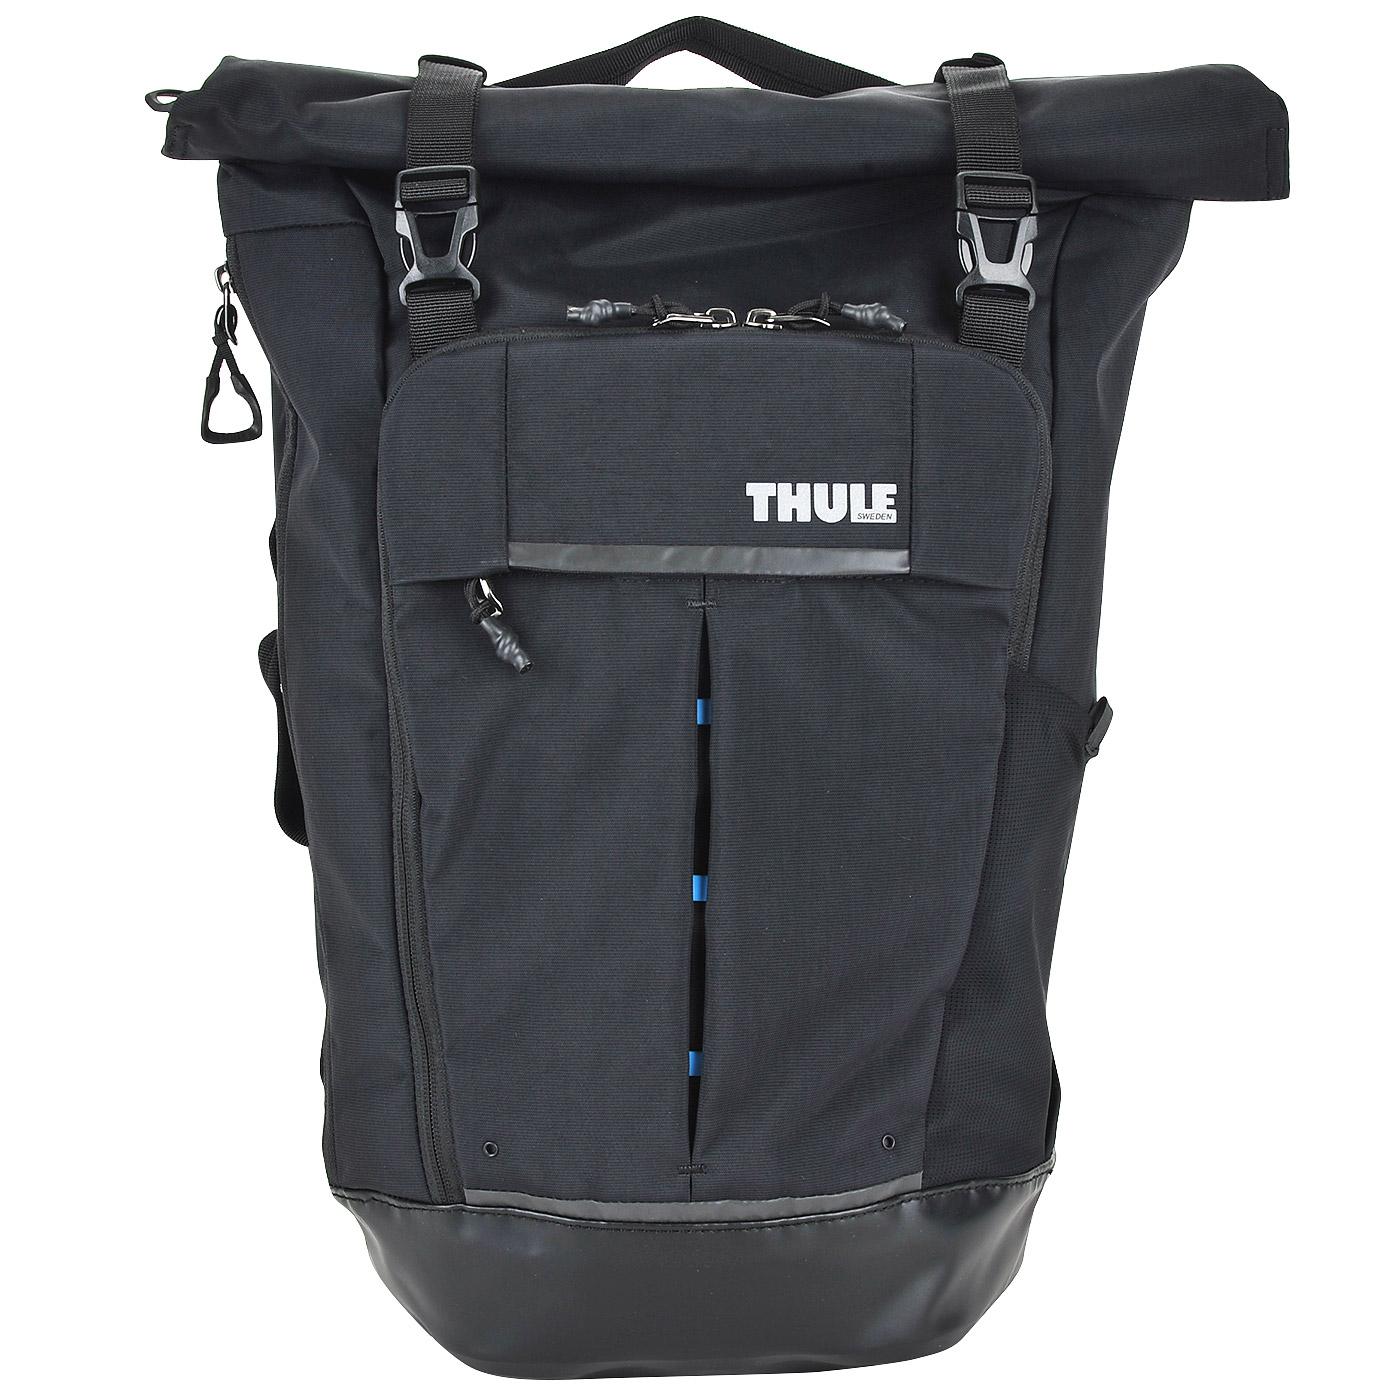 Тканевый дорожный рюкзак Thule Paramount 3202035 черный нейлон 31 x ... e4b0f623366